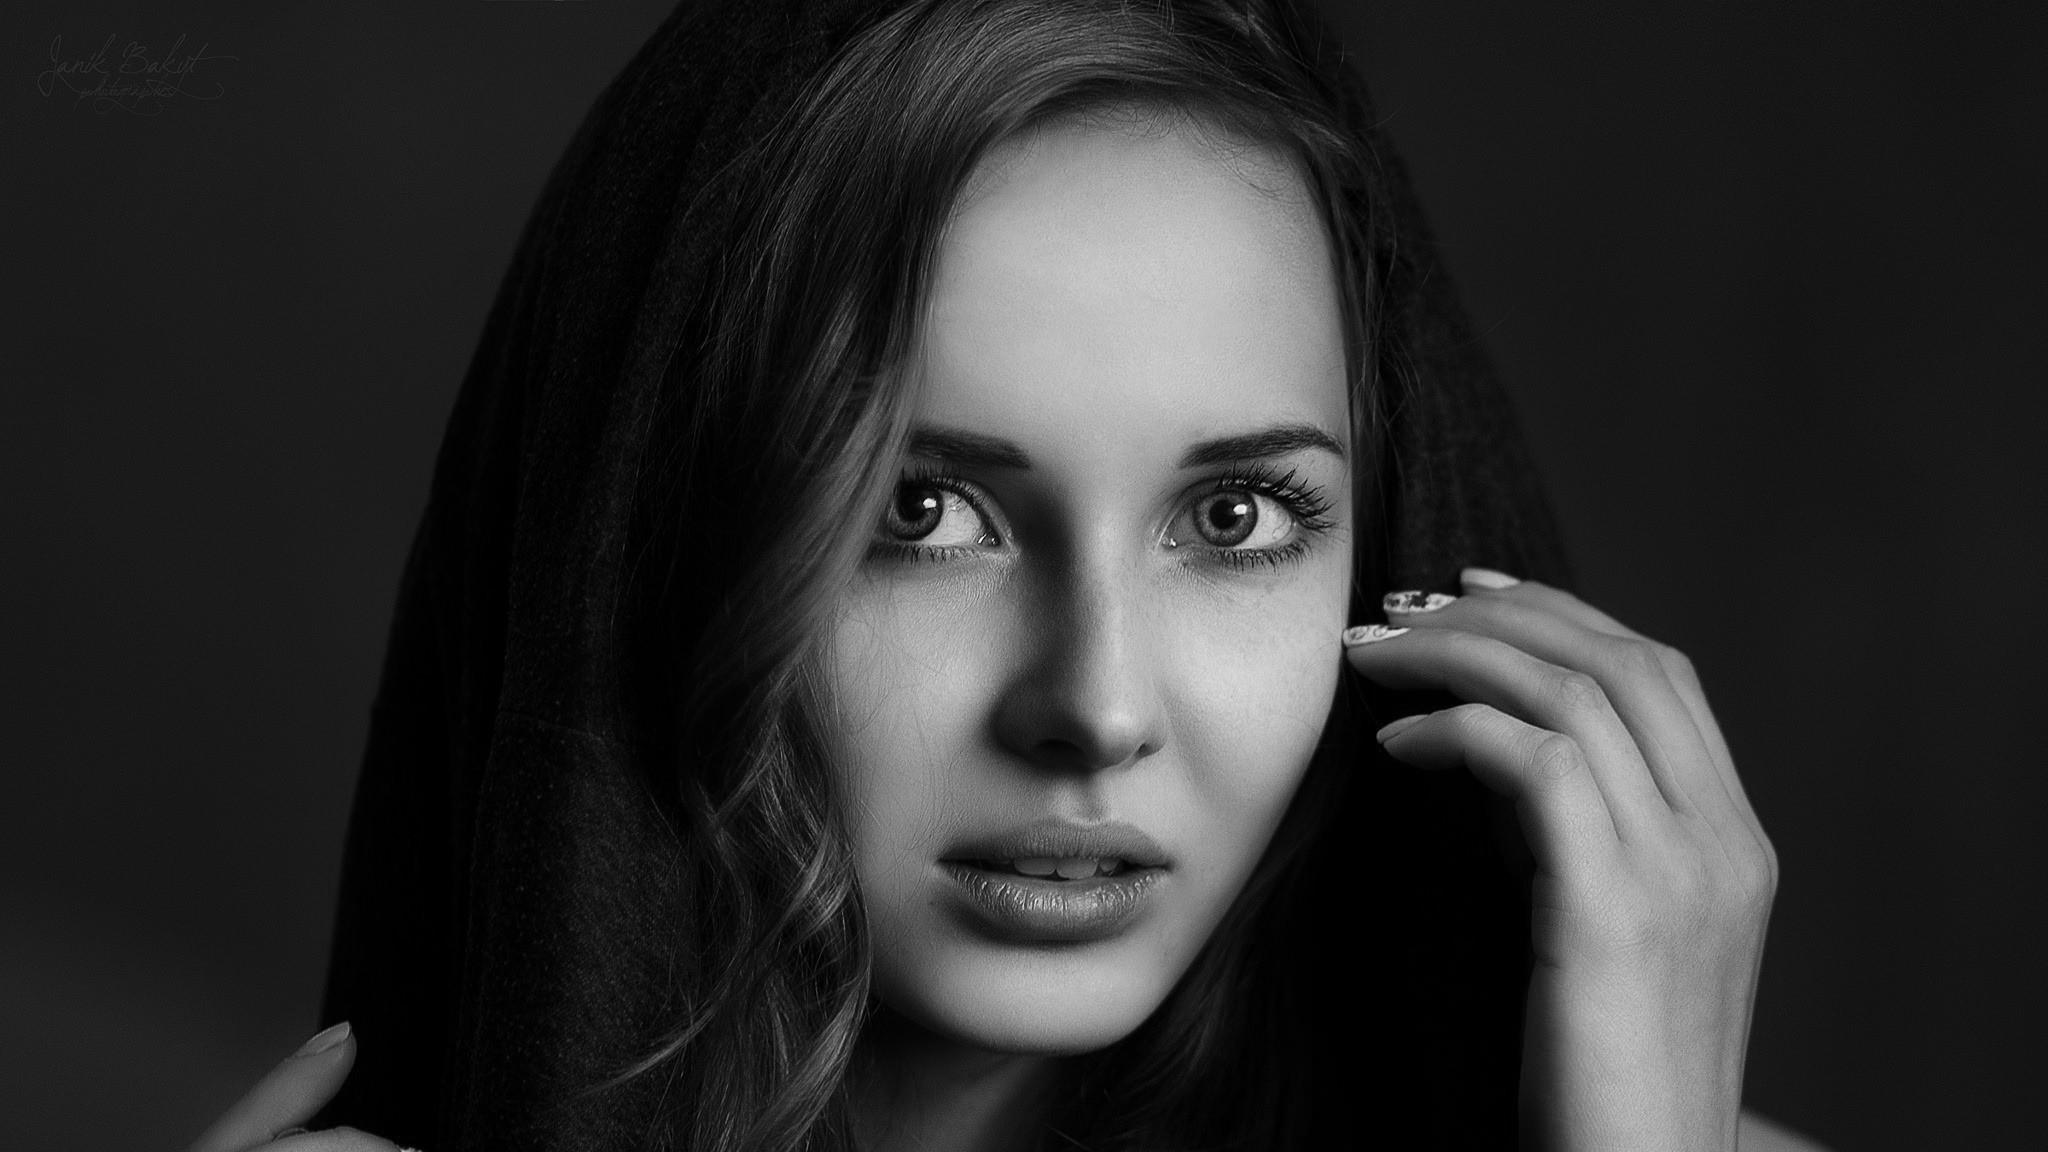 Sfondi viso bianca donne monocromo capelli lunghi for Foto hd bianco e nero